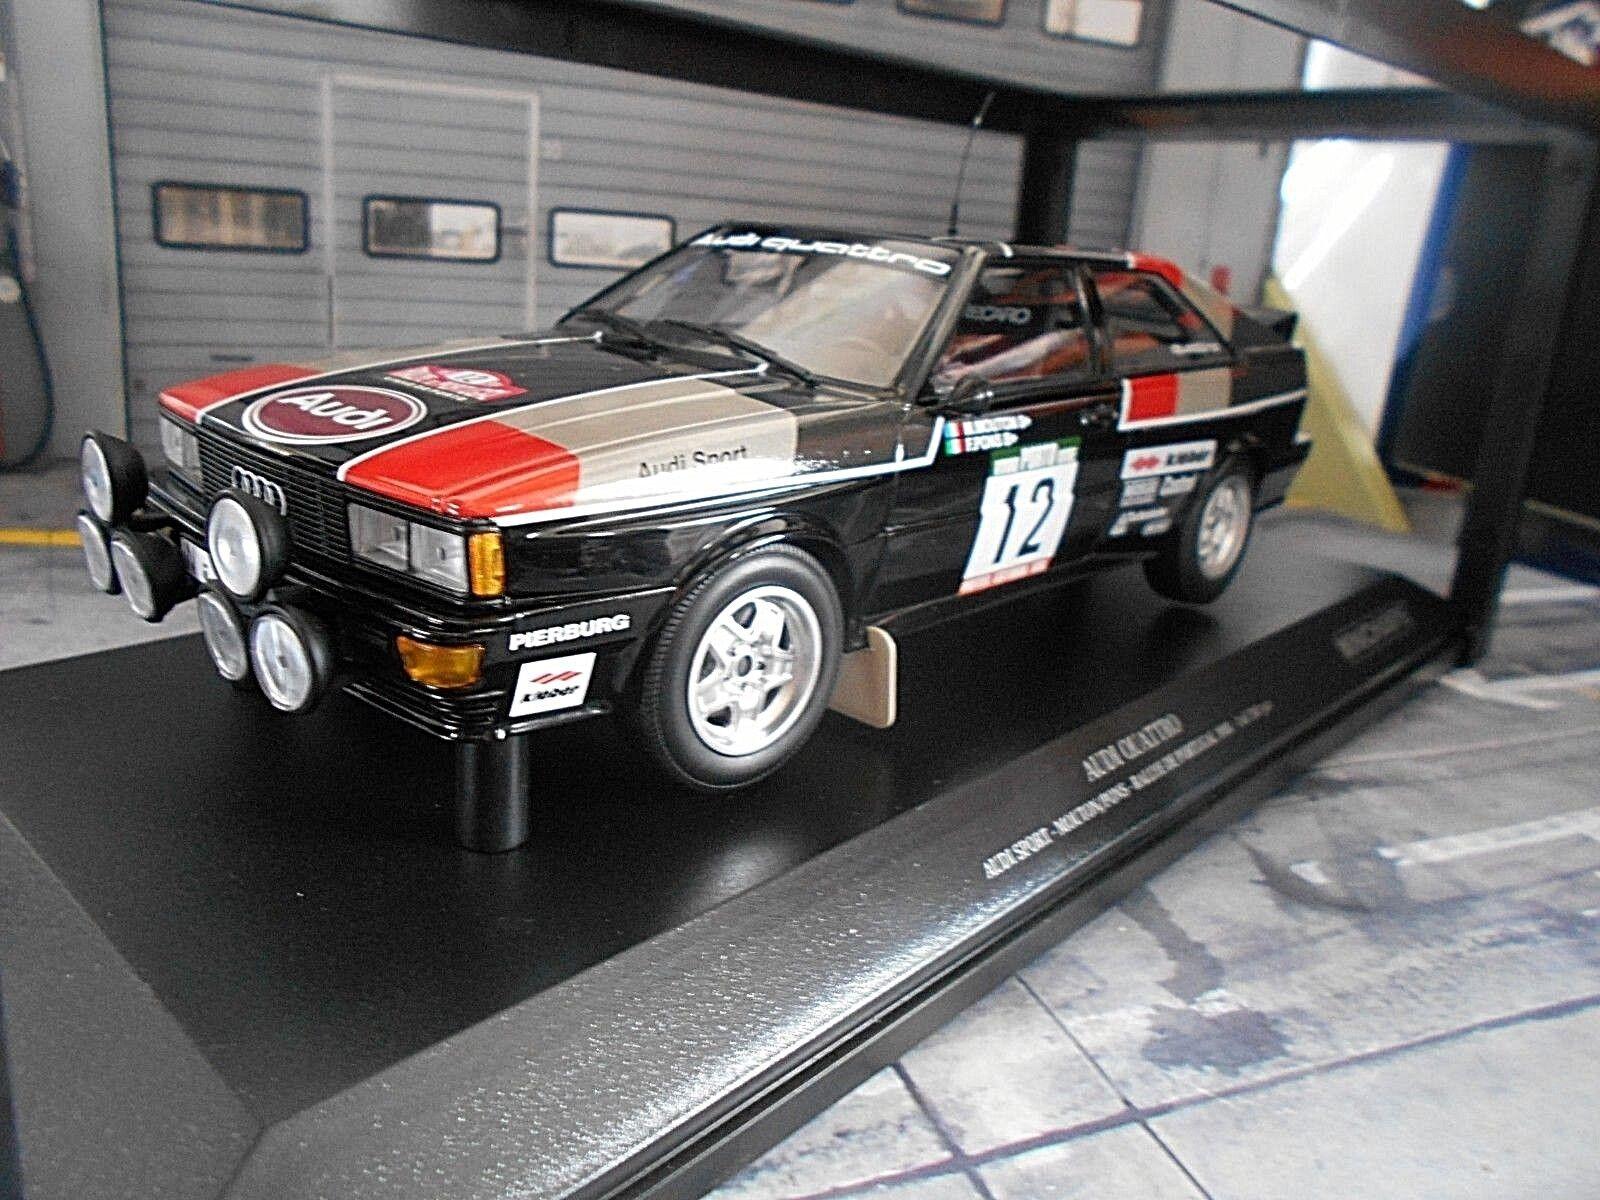 AUDI QUATTRO RALLYE taille 4 Portugal TAP 1981 #12 Mouton Pons Nouveau MINICHAMPS 1:18 | Online Shop